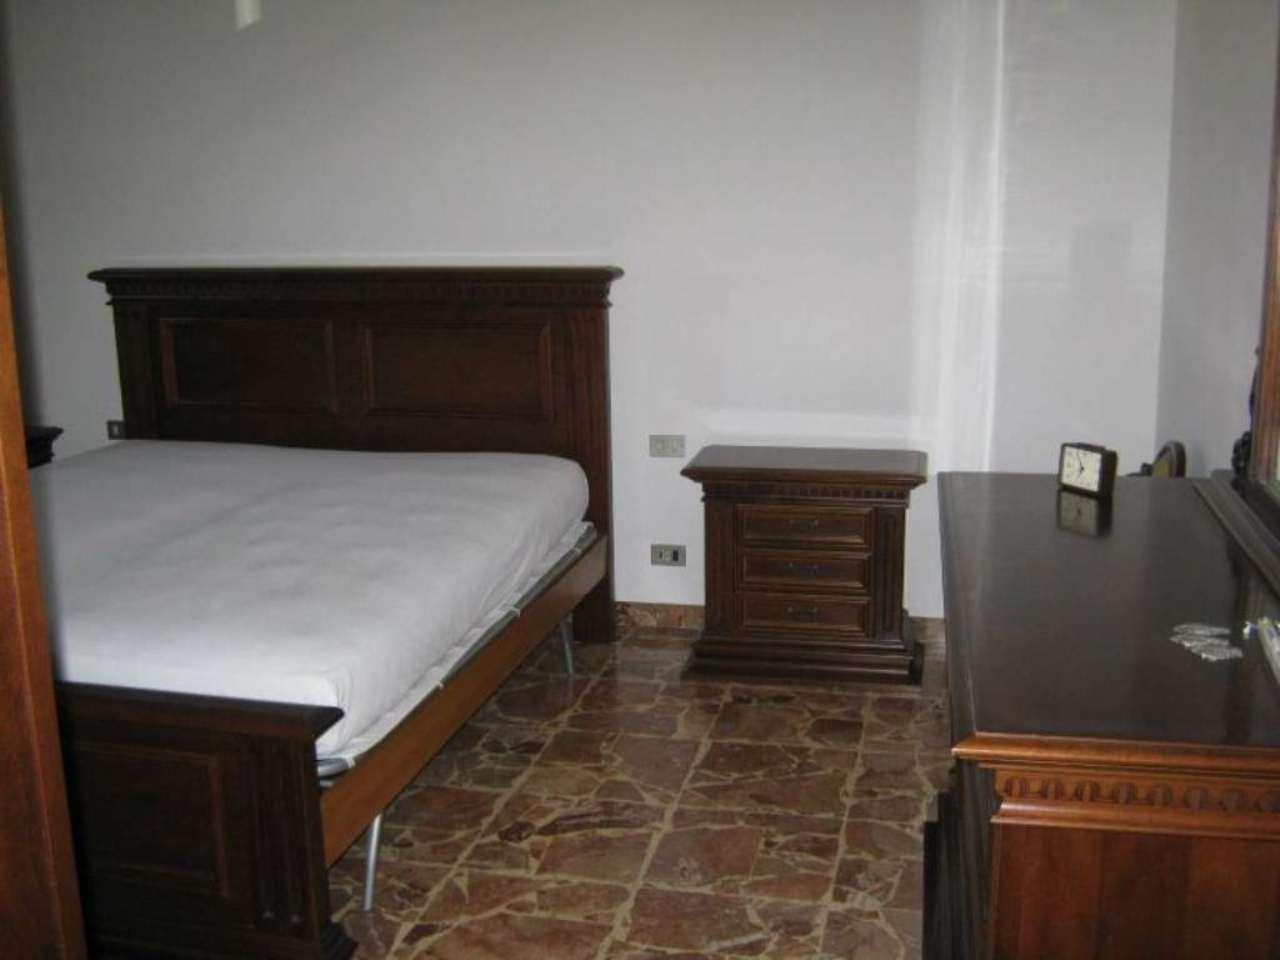 Palazzo / Stabile in vendita a Empoli, 9 locali, prezzo € 320.000 | Cambio Casa.it